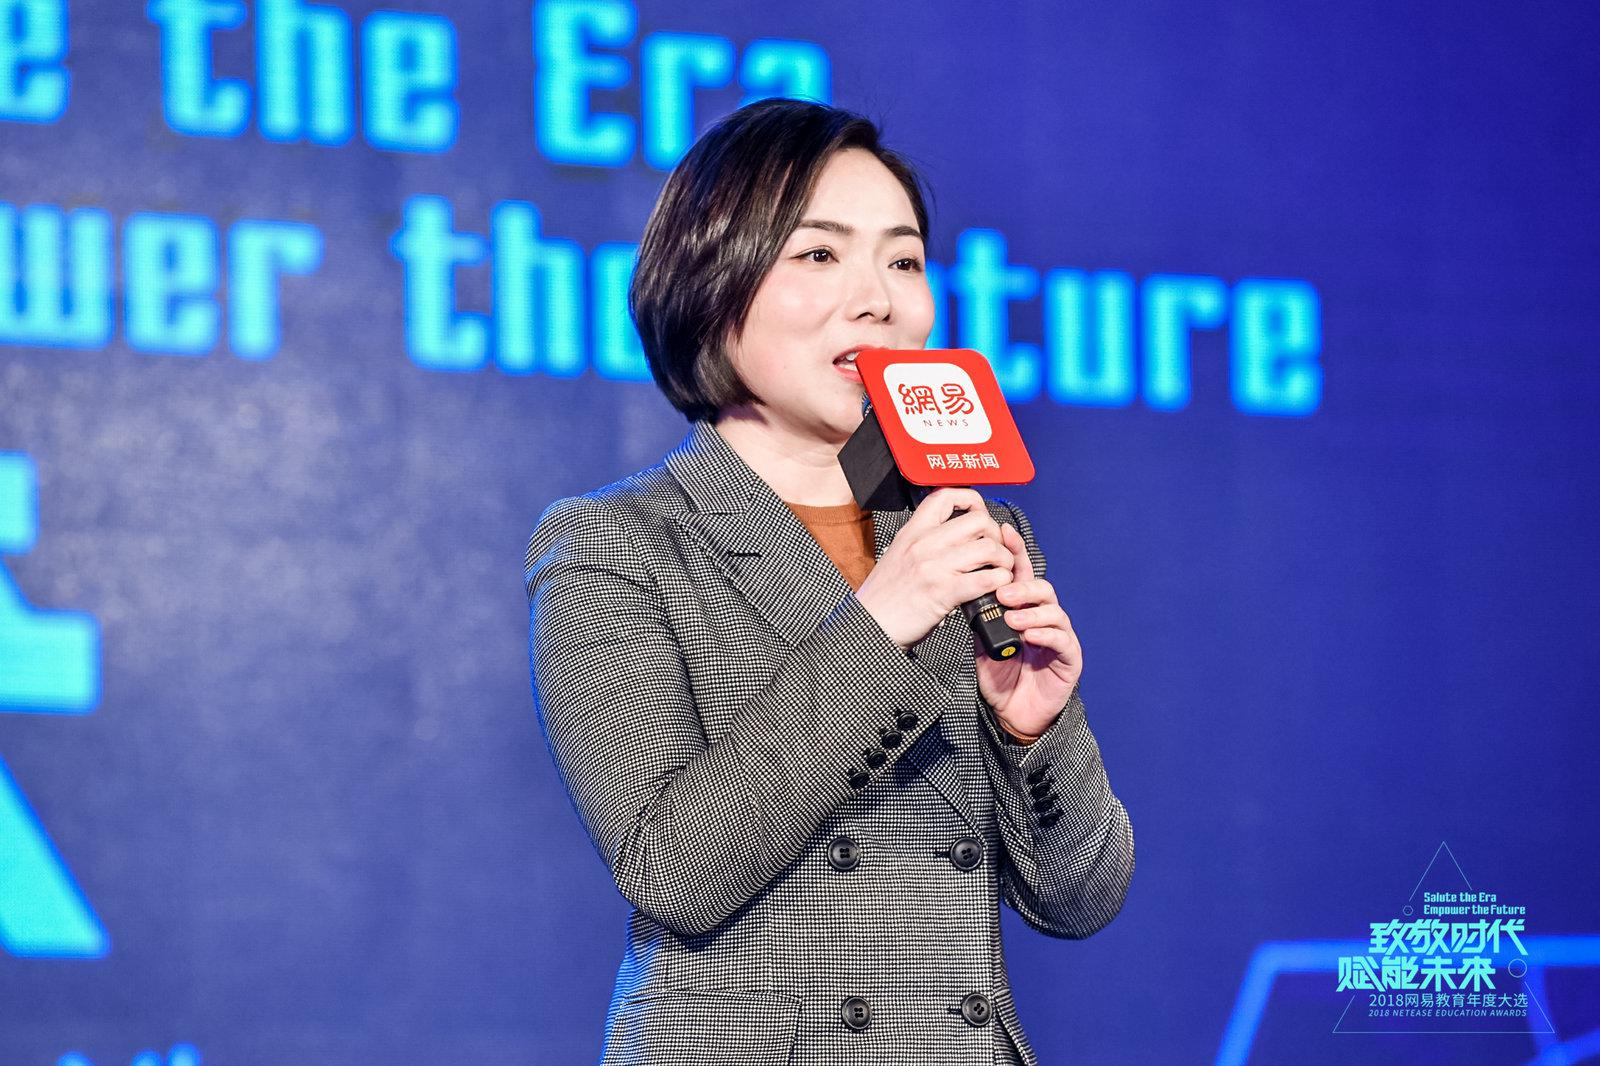 网易传媒华北销售中心总经理胡君芳:继续推动教育公益的发展